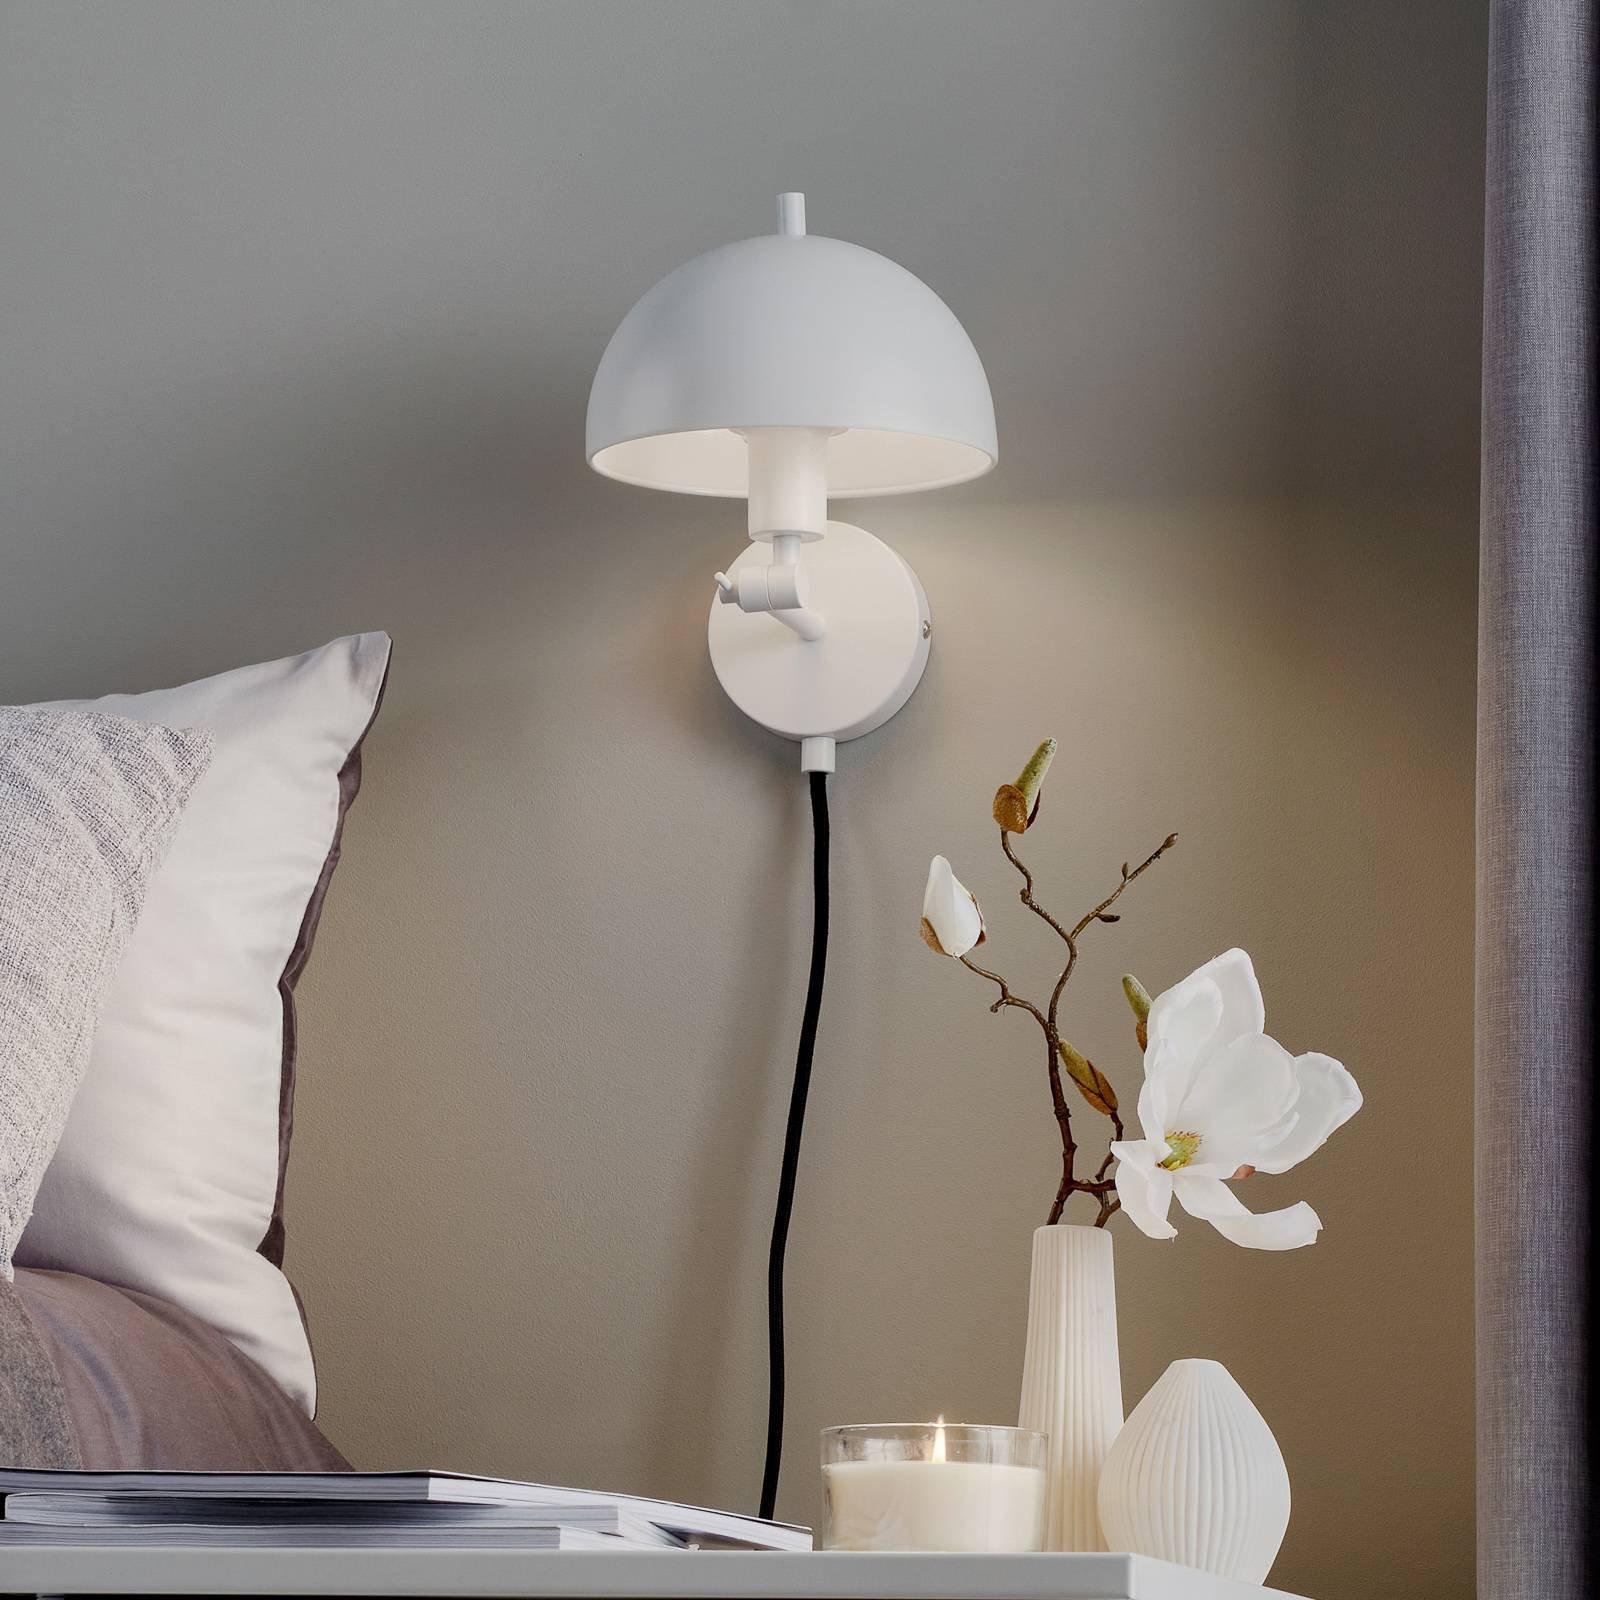 Schöner Wohnen Kia vegglampe, hvit, vippbar